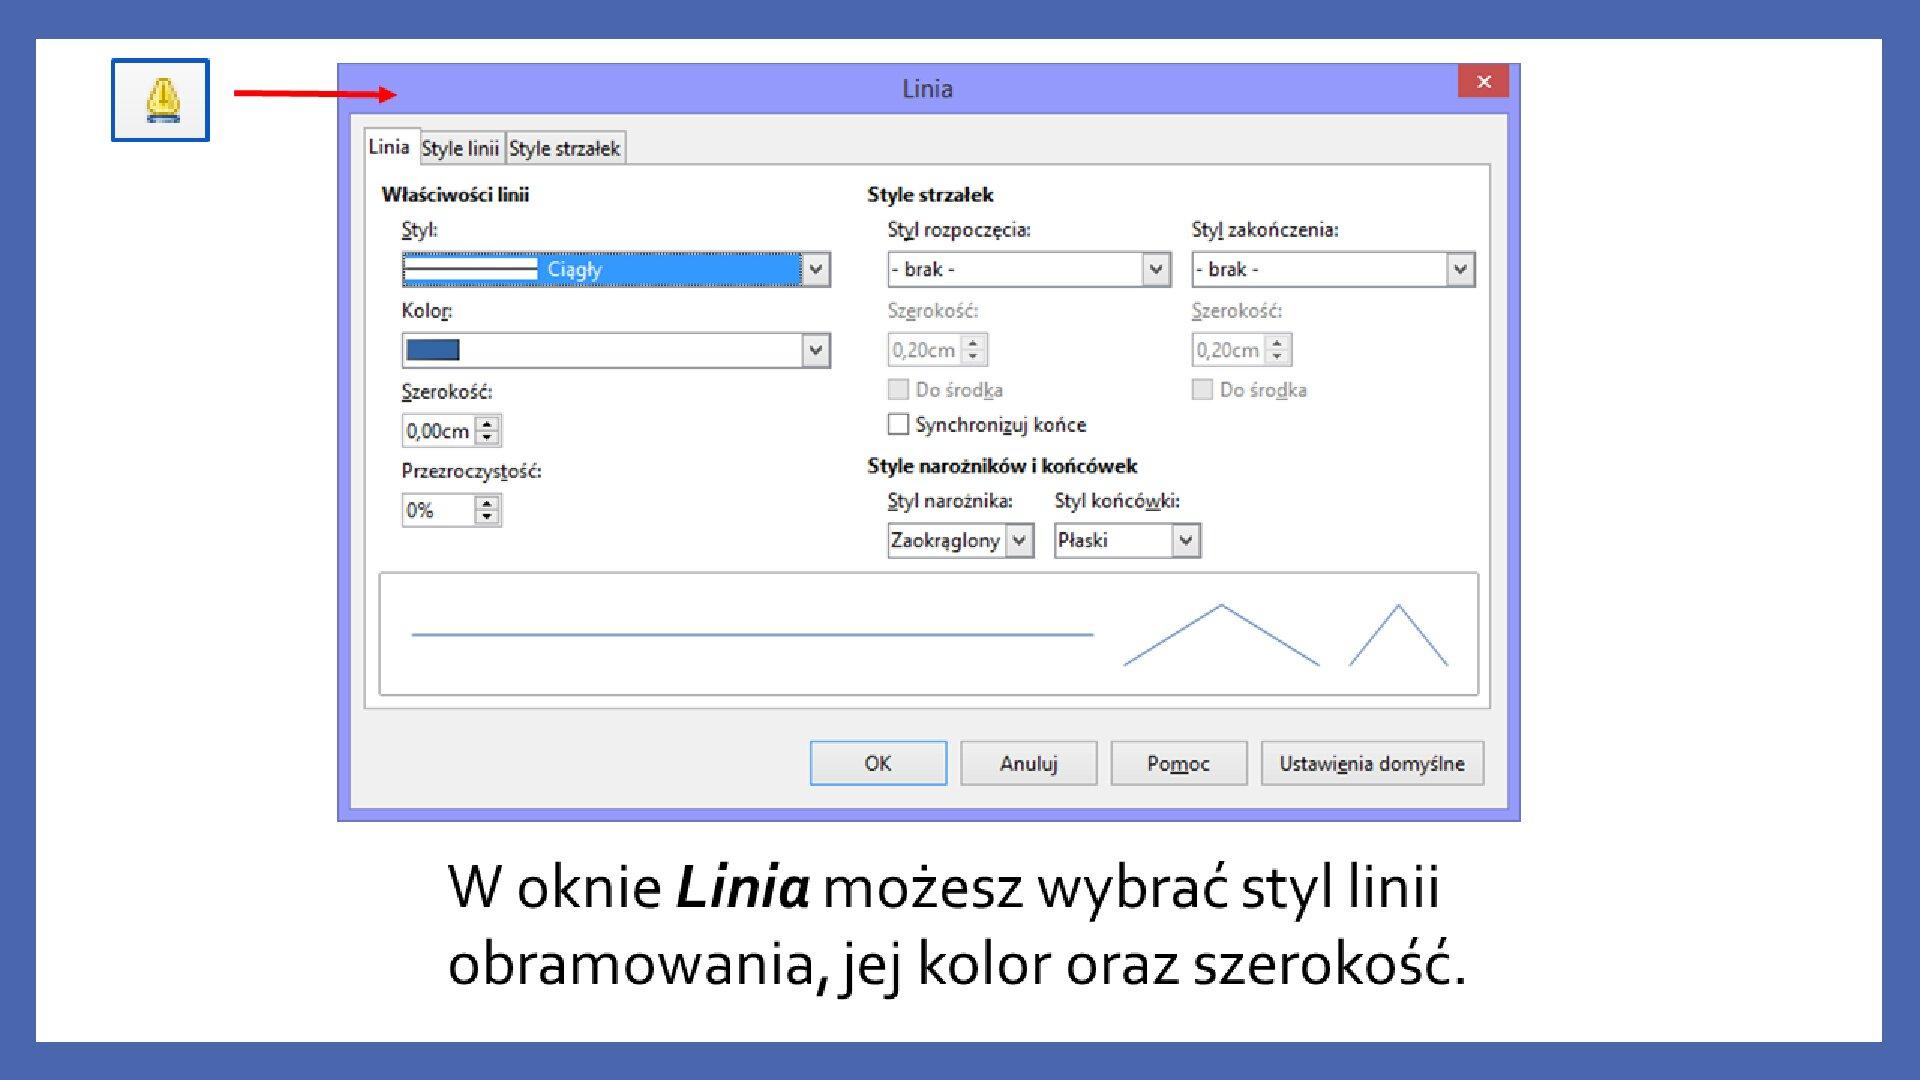 Slajd 4 galerii zrzutów slajdów: Modyfikacja obiektów wprogramie LibreOffice Impress